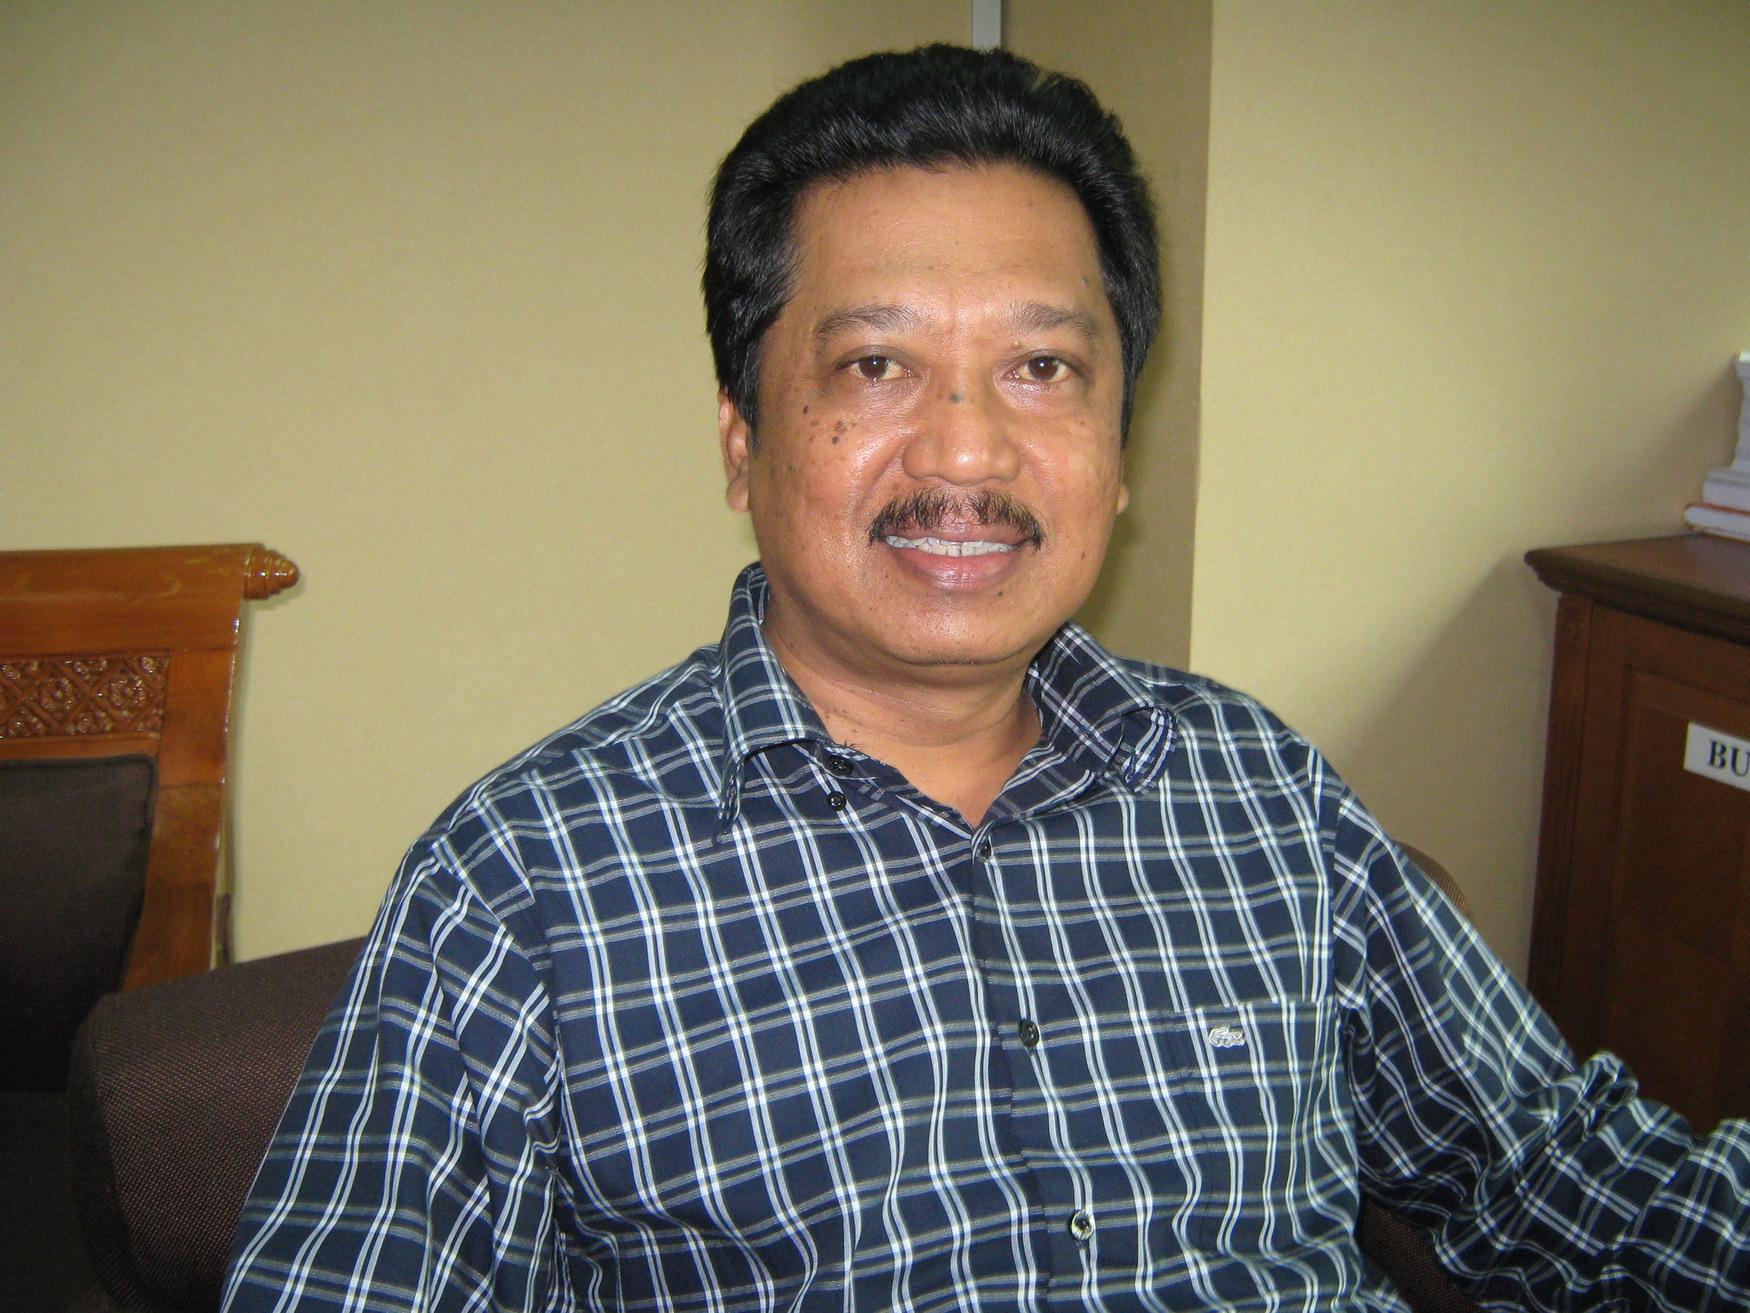 Profil H. Agus Sulistiyono, SE. (Anggota DPR RI) : Sebuah Kisah Anak Negeri